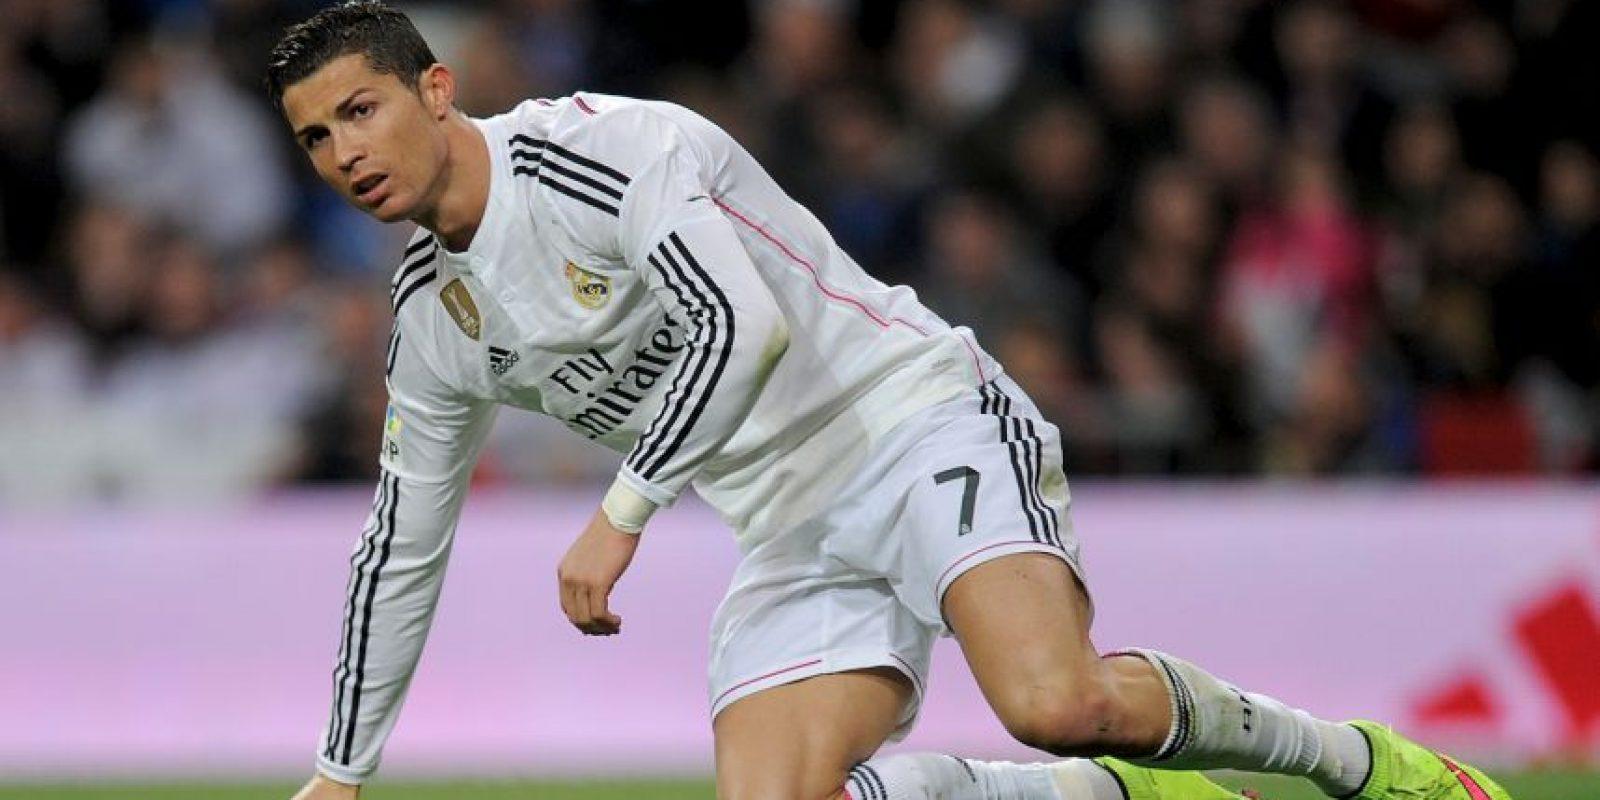 Hasta ahora, el portugués ha cumplido su promesa y se reserva sus declaraciones en zona mixta, conferencias de prensa o a la salida de los entrenamientos del Real Madrid. Foto:Getty Images